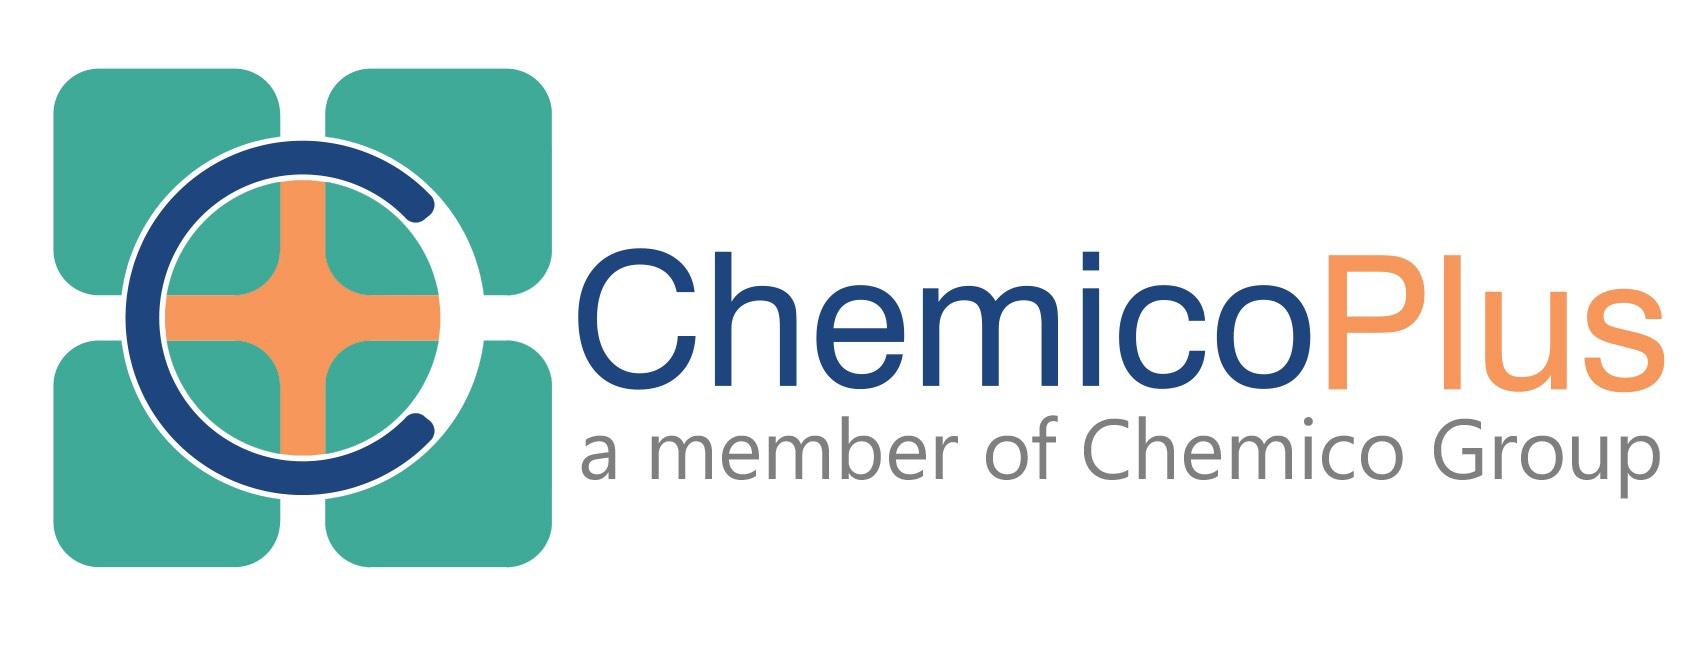 เคมีโก้ พลัส – Chemico Plus – วัตถุดิบอาหาร วัตถุดิบเครื่องสำอาง วัตถุดิบอาหารเสริม กลิ่นผสมอาหารและน้ำหอม เครื่องมือและอุปกรณ์เพื่อสุขภาพและความงาม